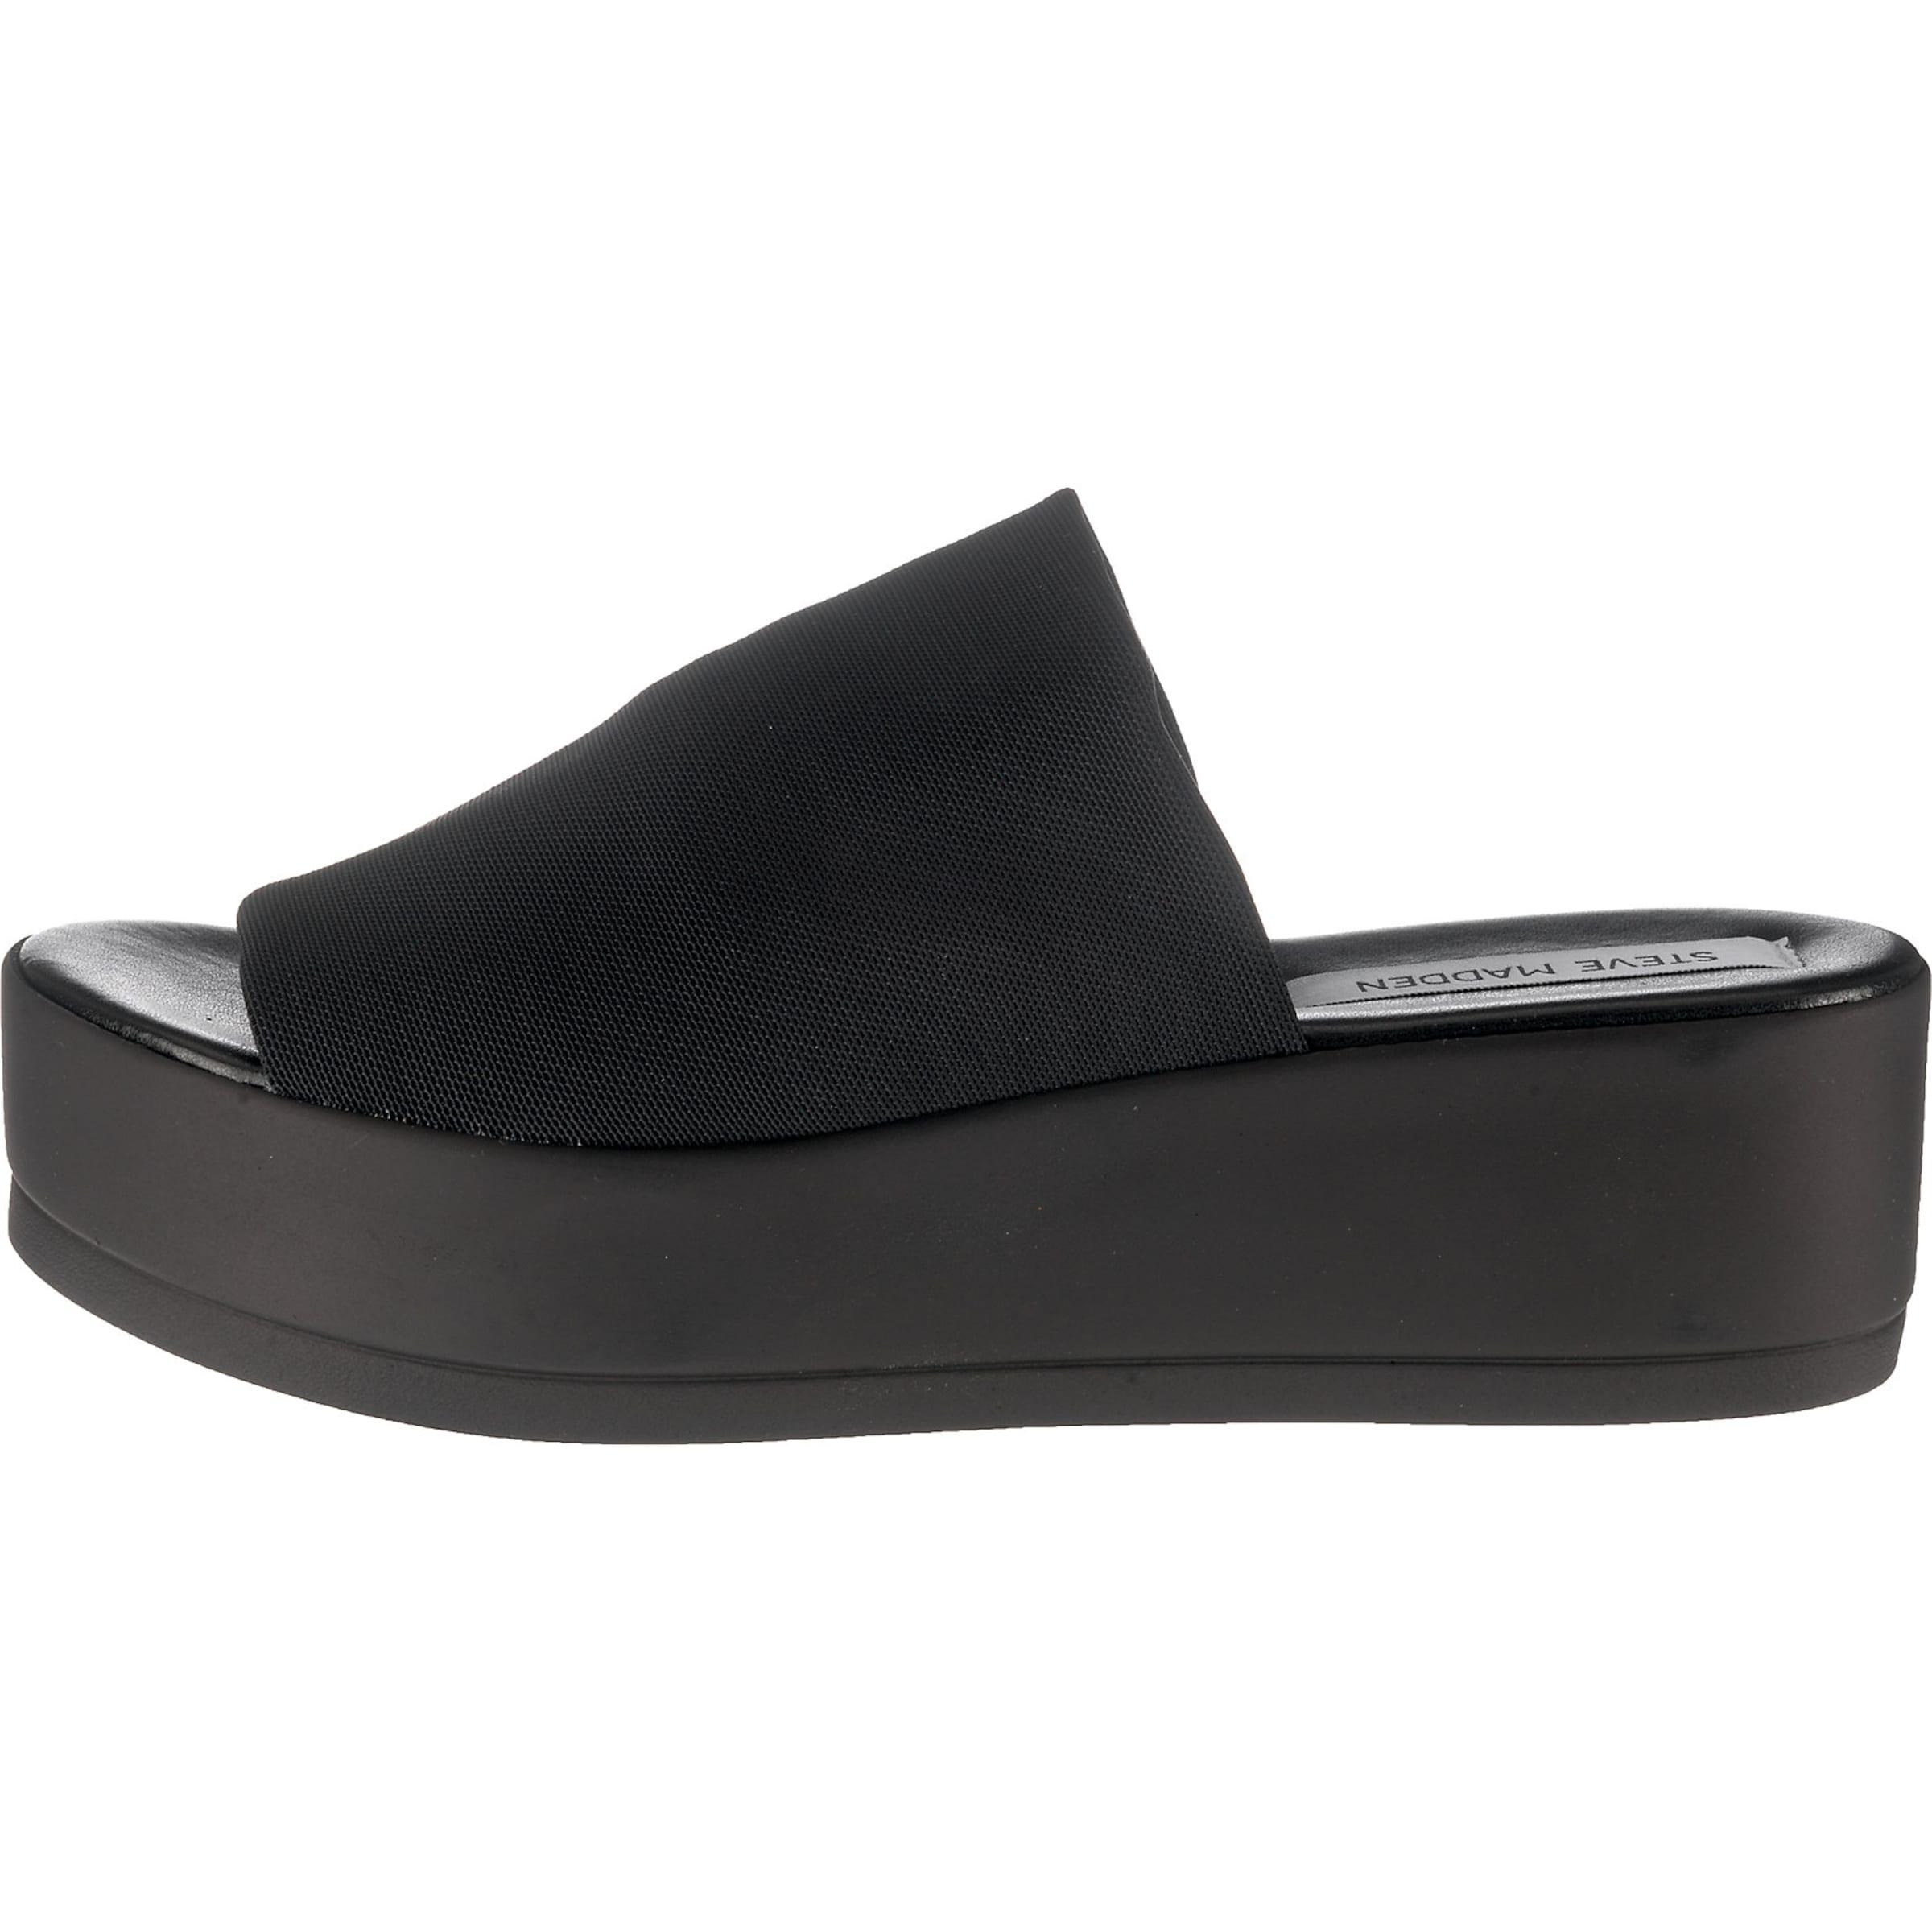 STEVE MADDEN Slinky Sandal Pantoletten Sneakernews Spielraum Fabrikverkauf fxRBngW